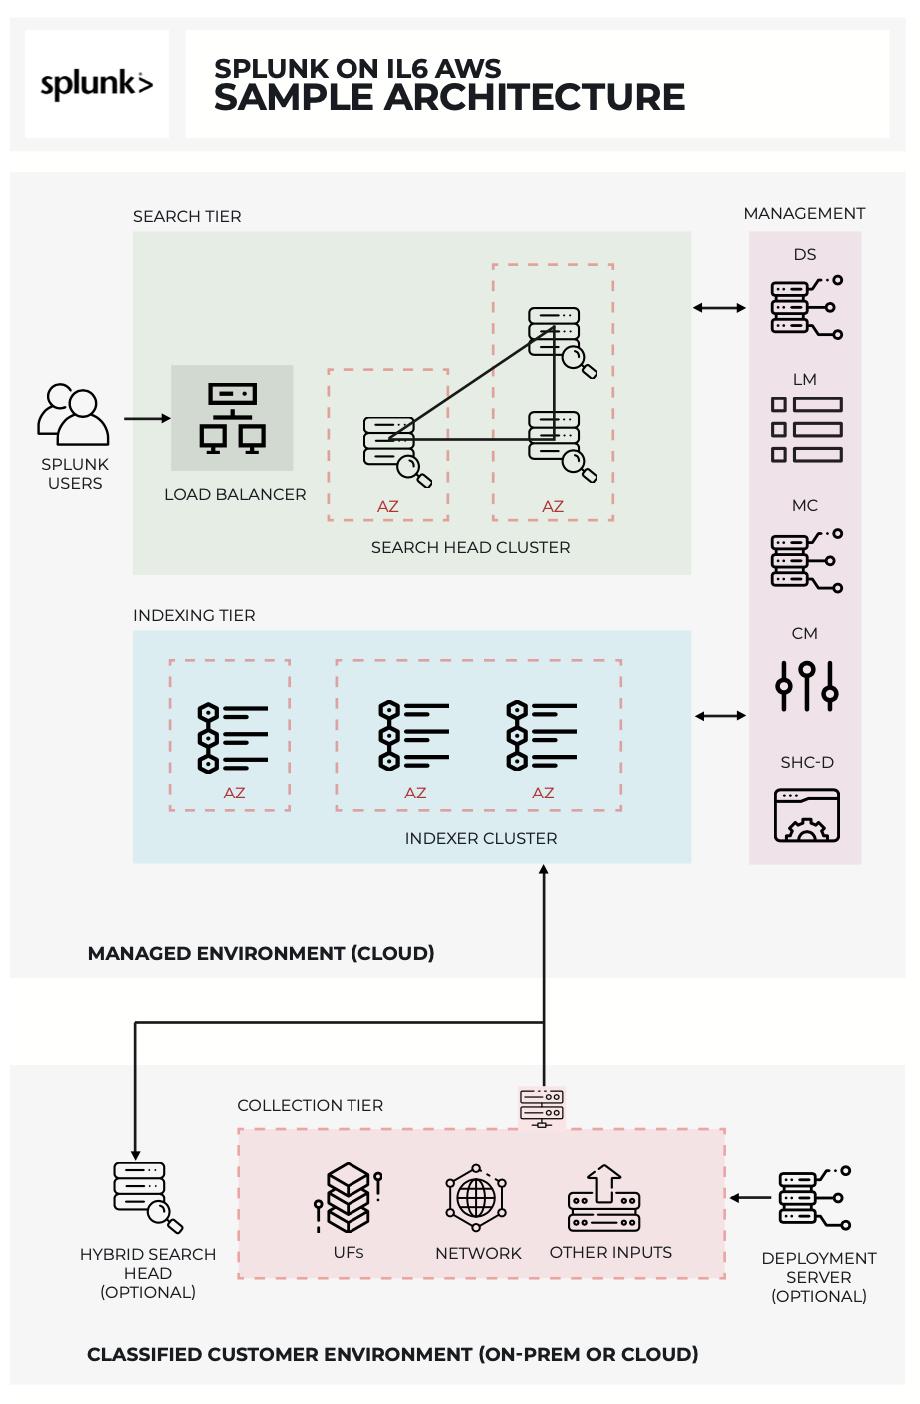 Splunk On IL6 AWS Sample Architecture